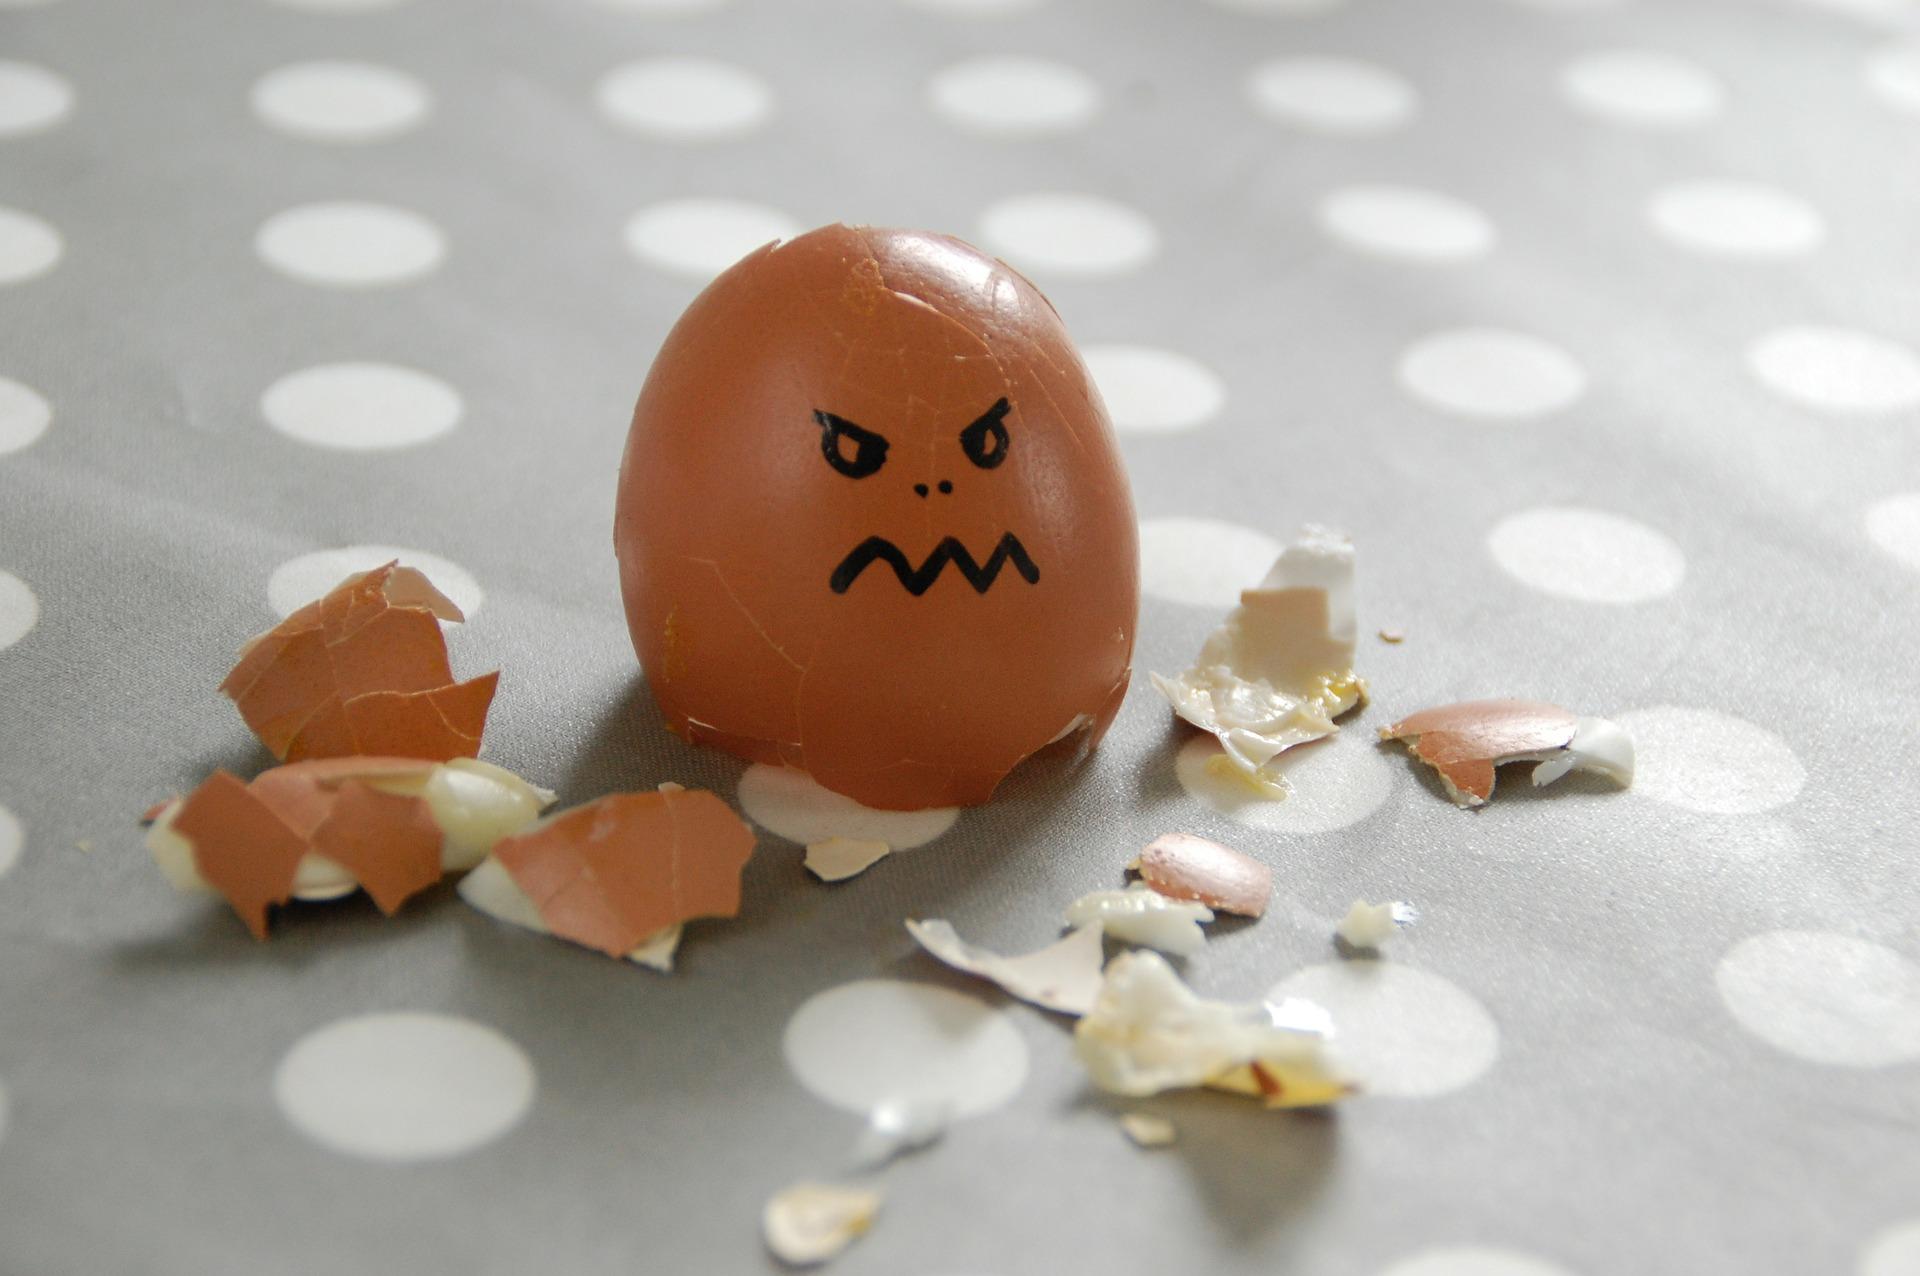 egg-100808_1920.jpg